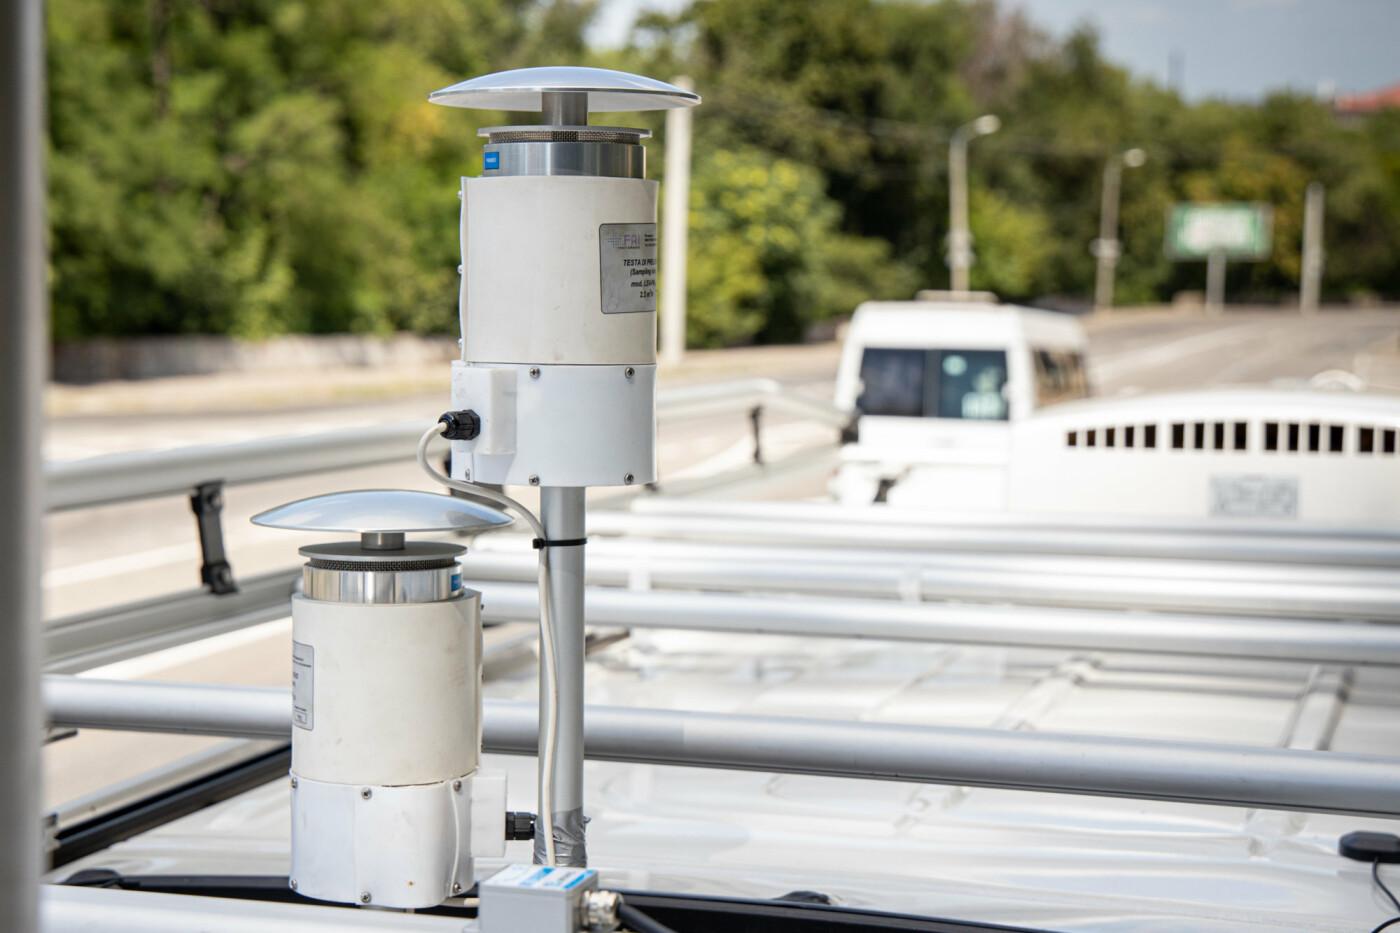 На Днепропетровщине начала работу первая в Украине референтная мобильная станция мониторинга воздуха, - ФОТО, фото-2